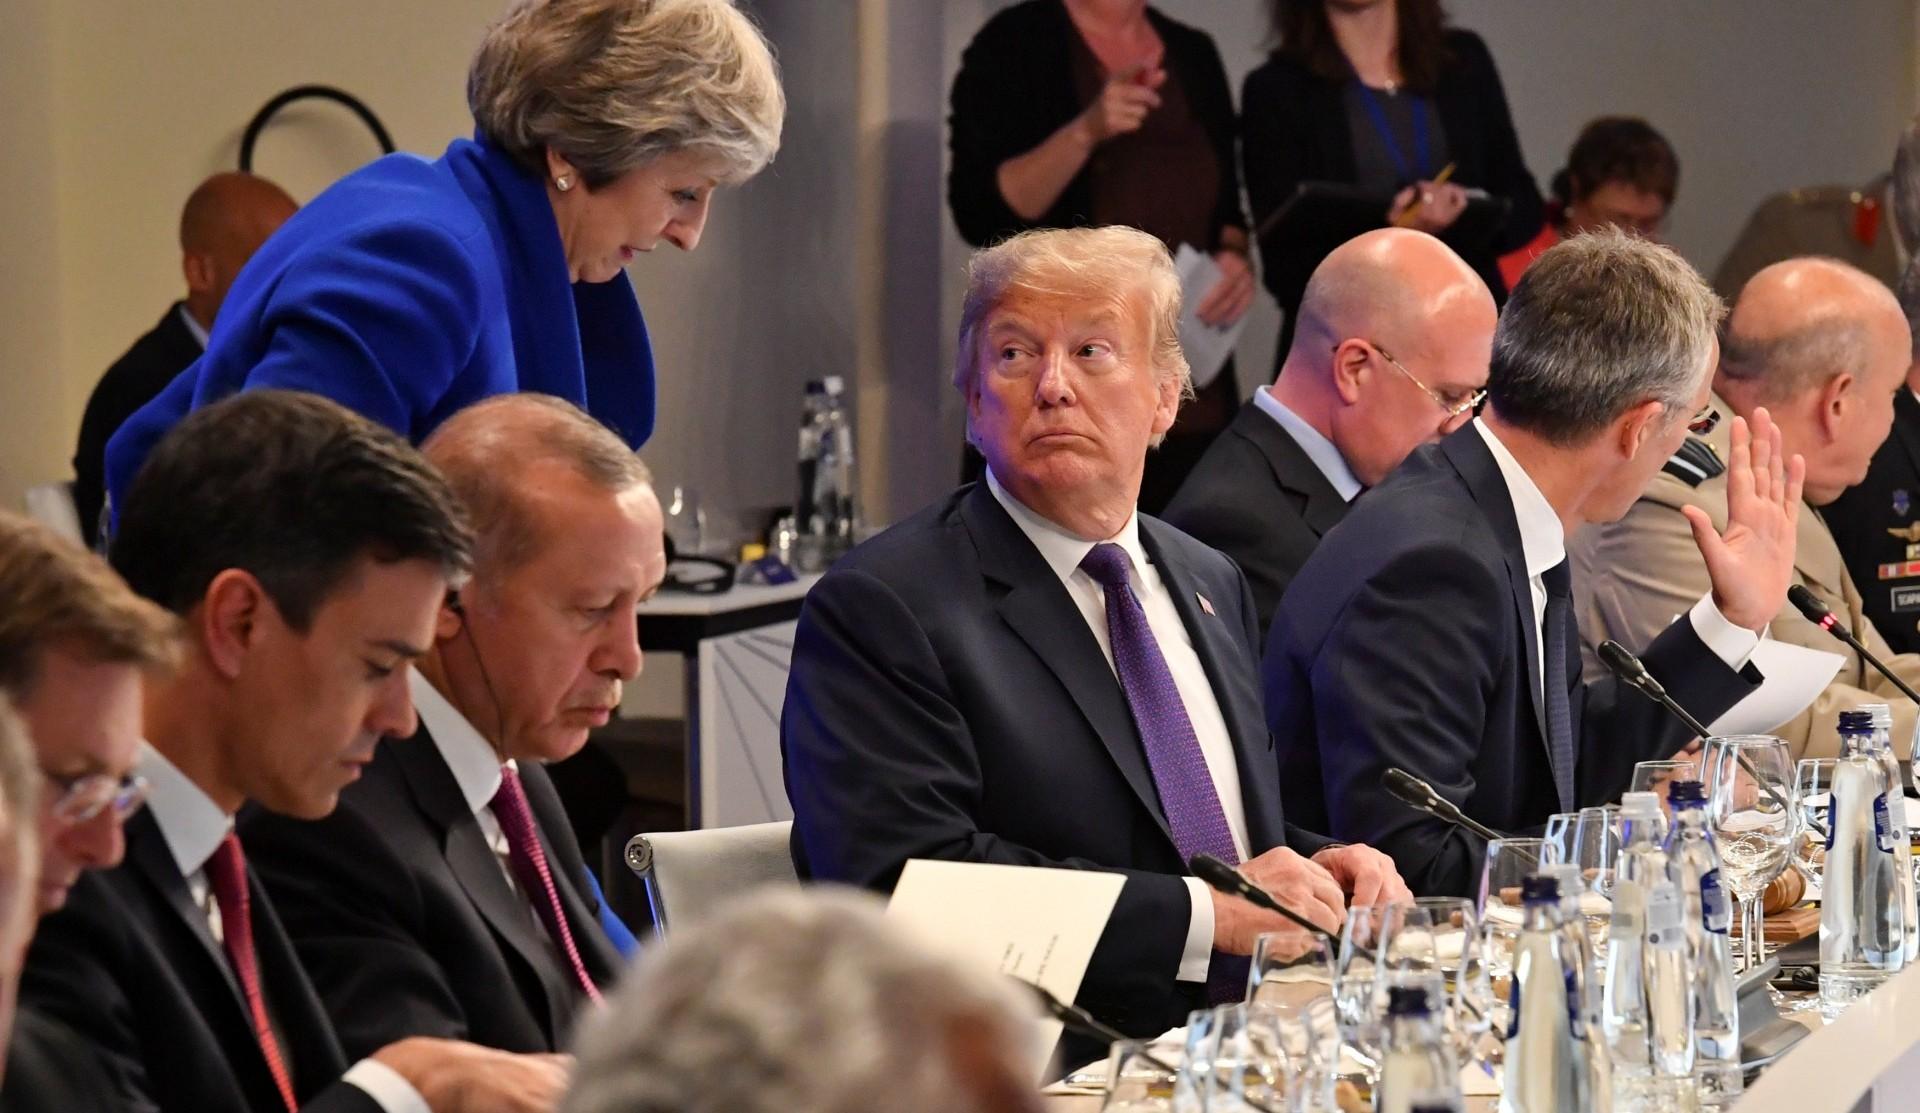 Donald Trump conversa con Theresa May durante una cena en el marco de la cumbre de la OTAN (Reuters)